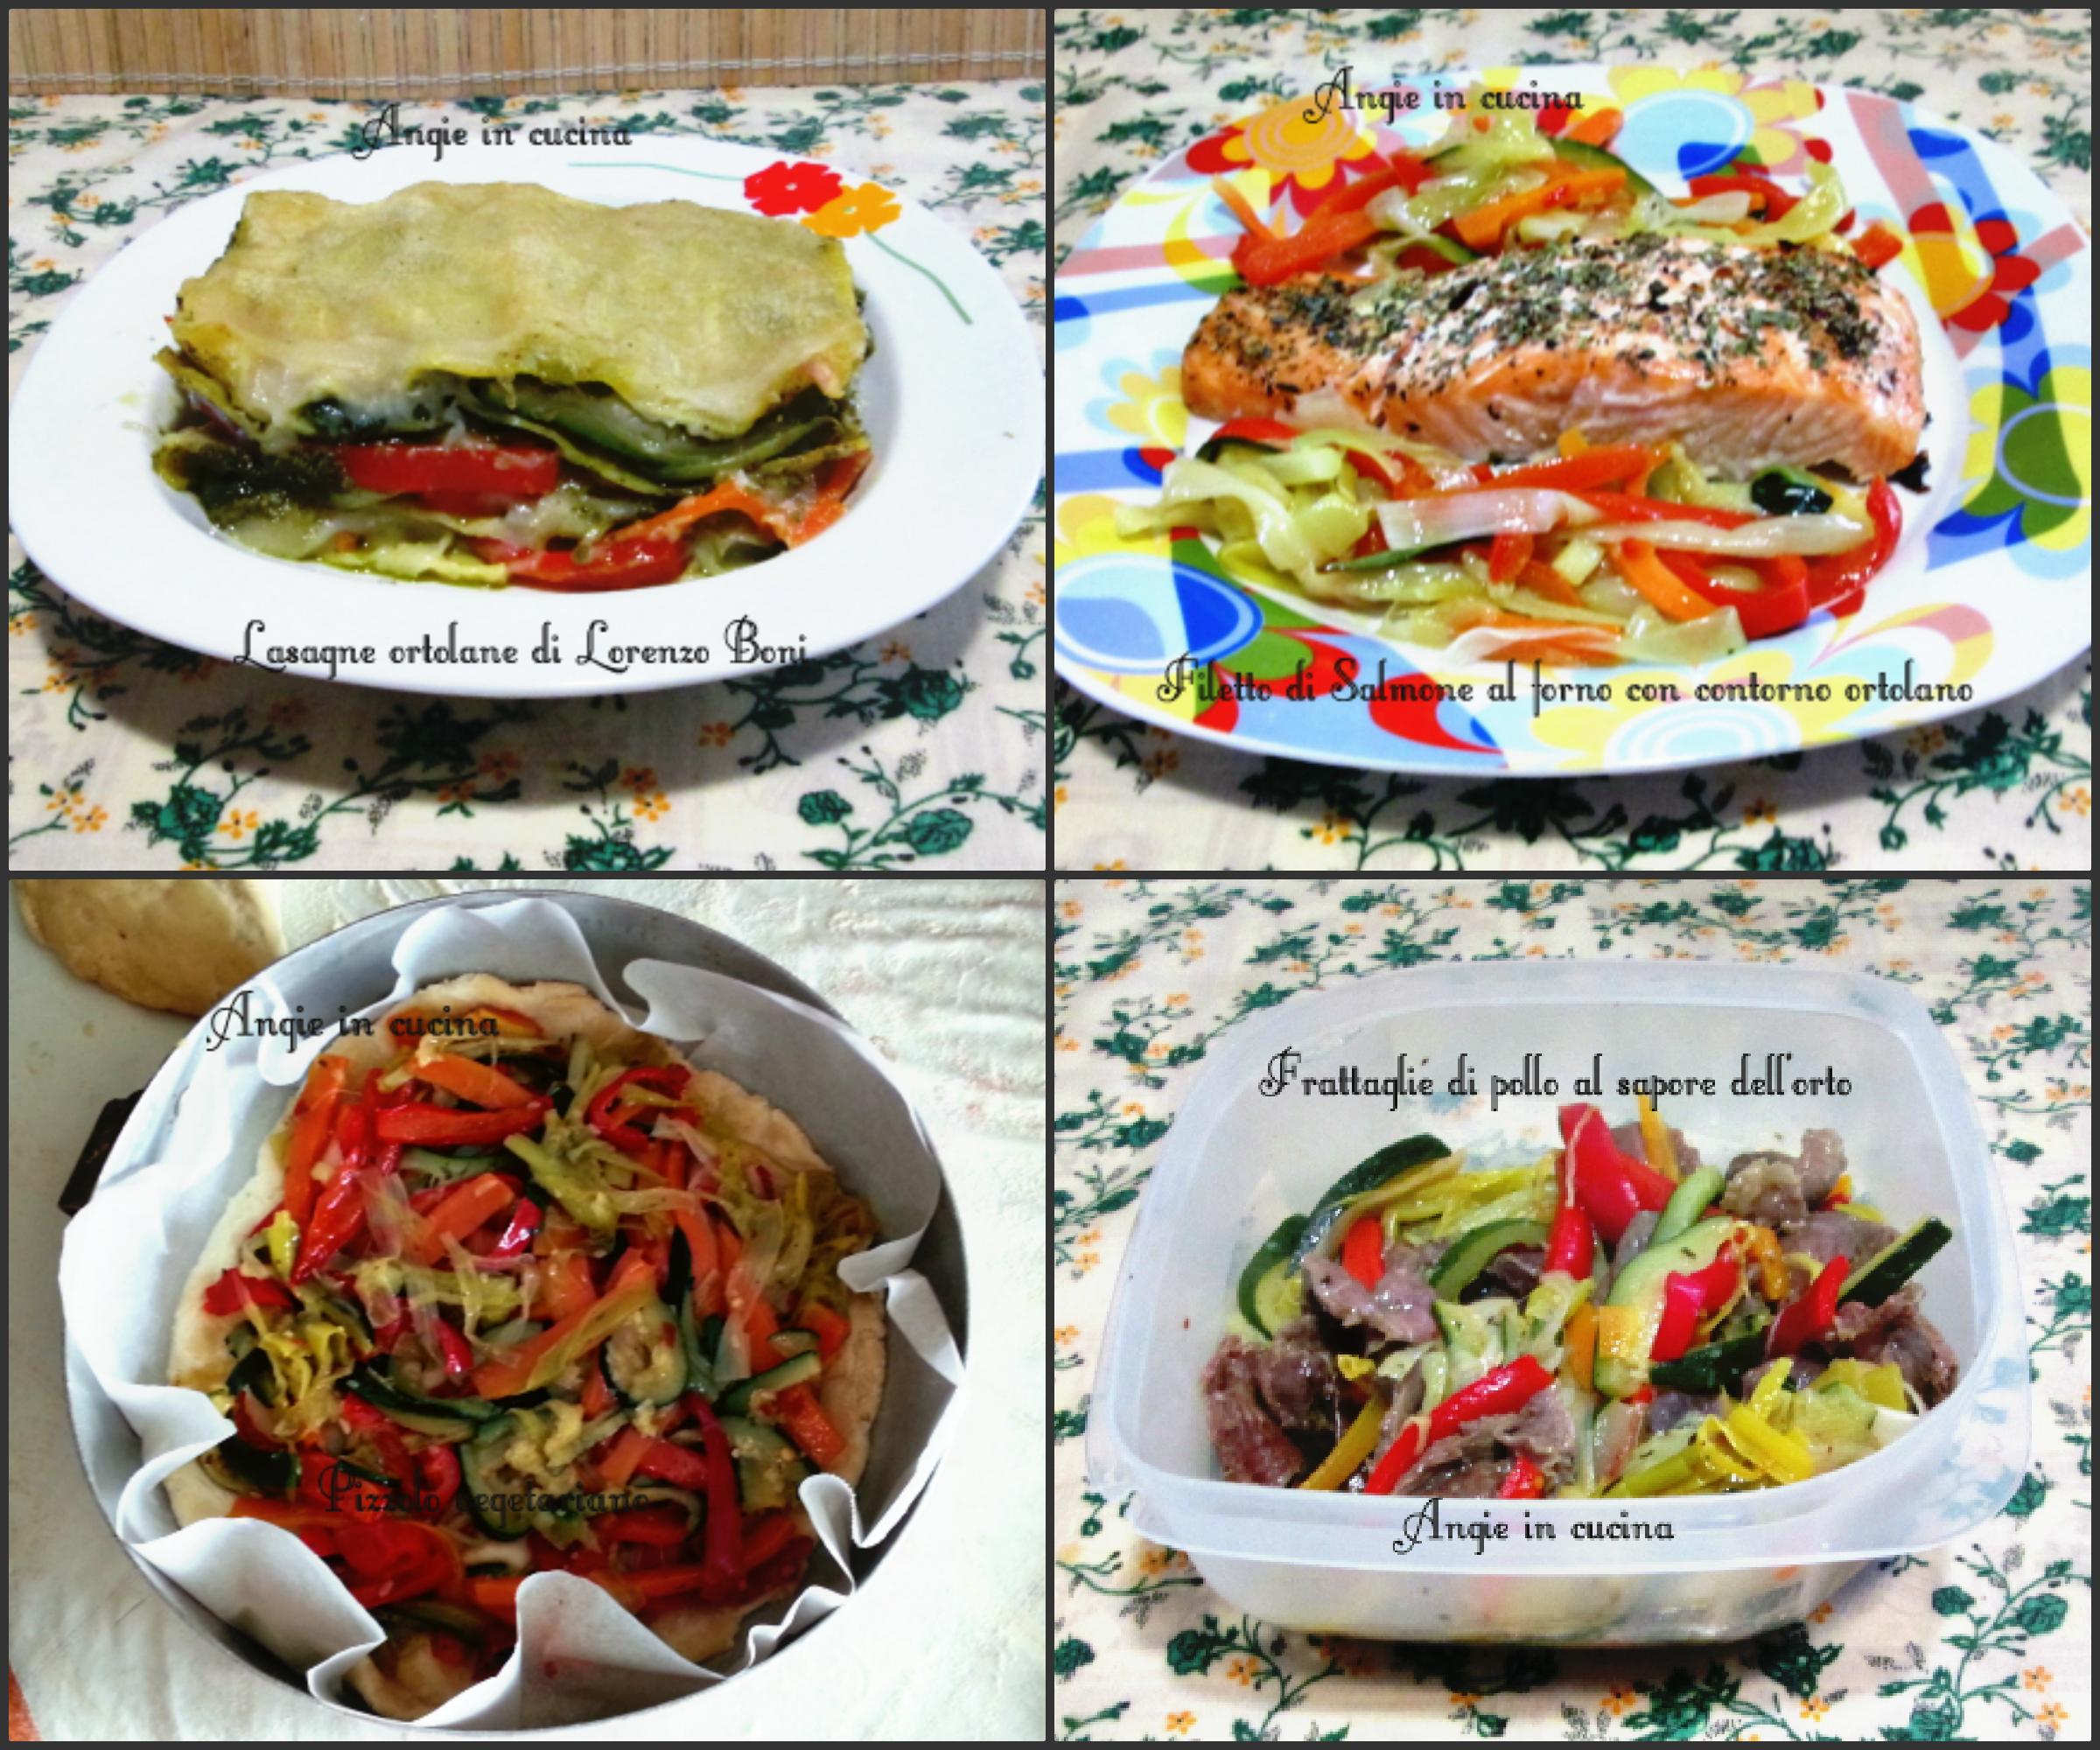 Ricette con spadellata arcobaleno di verdure alla boni for Ricette con verdure